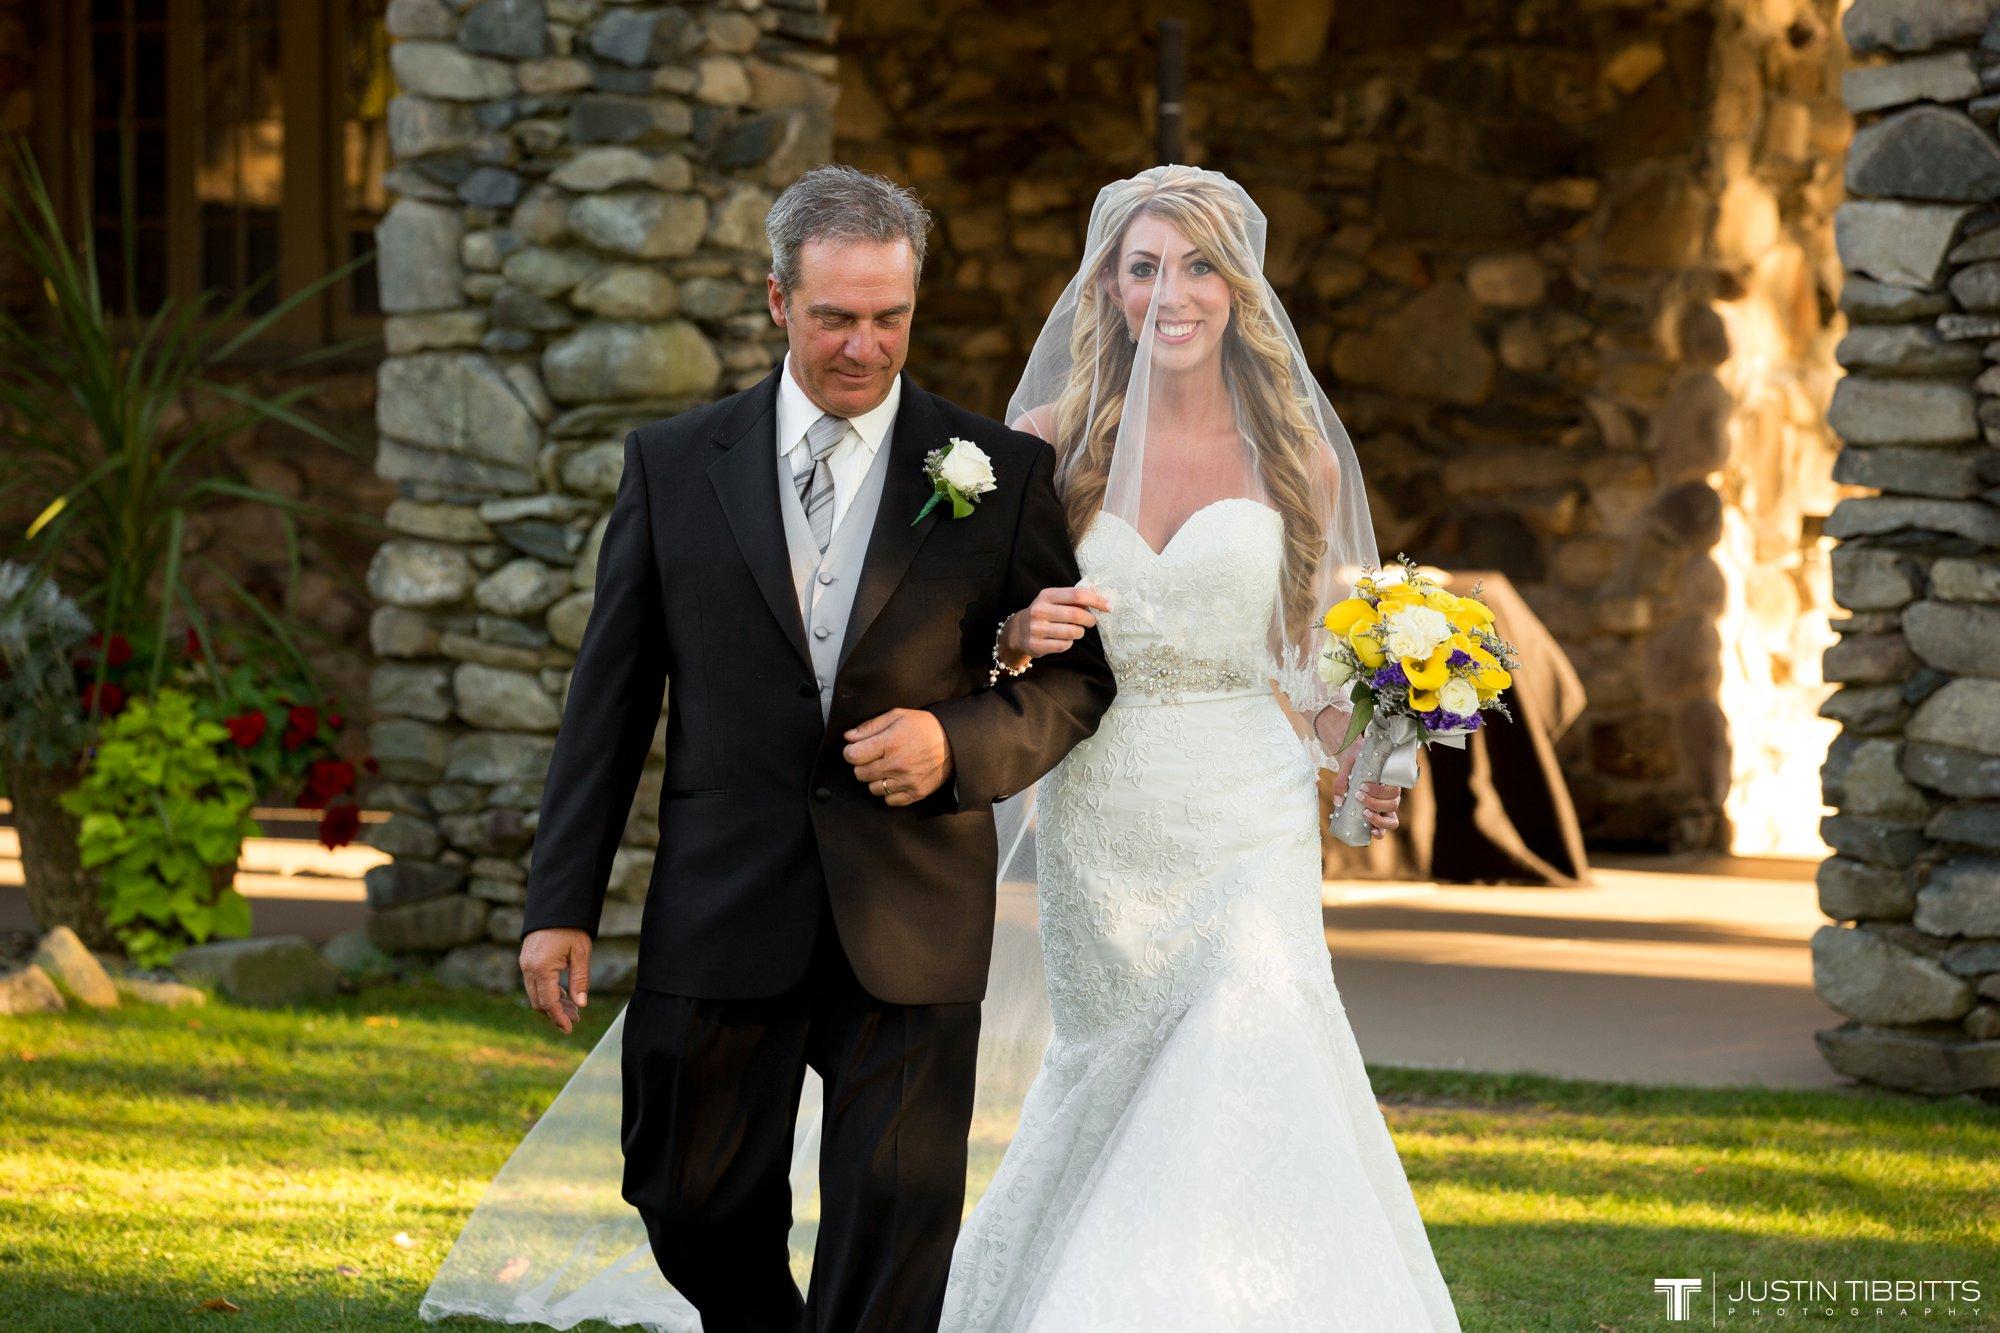 Albany NY Wedding Photographer Justin Tibbitts Photography 2014 Best of Albany NY Weddings-1056232731